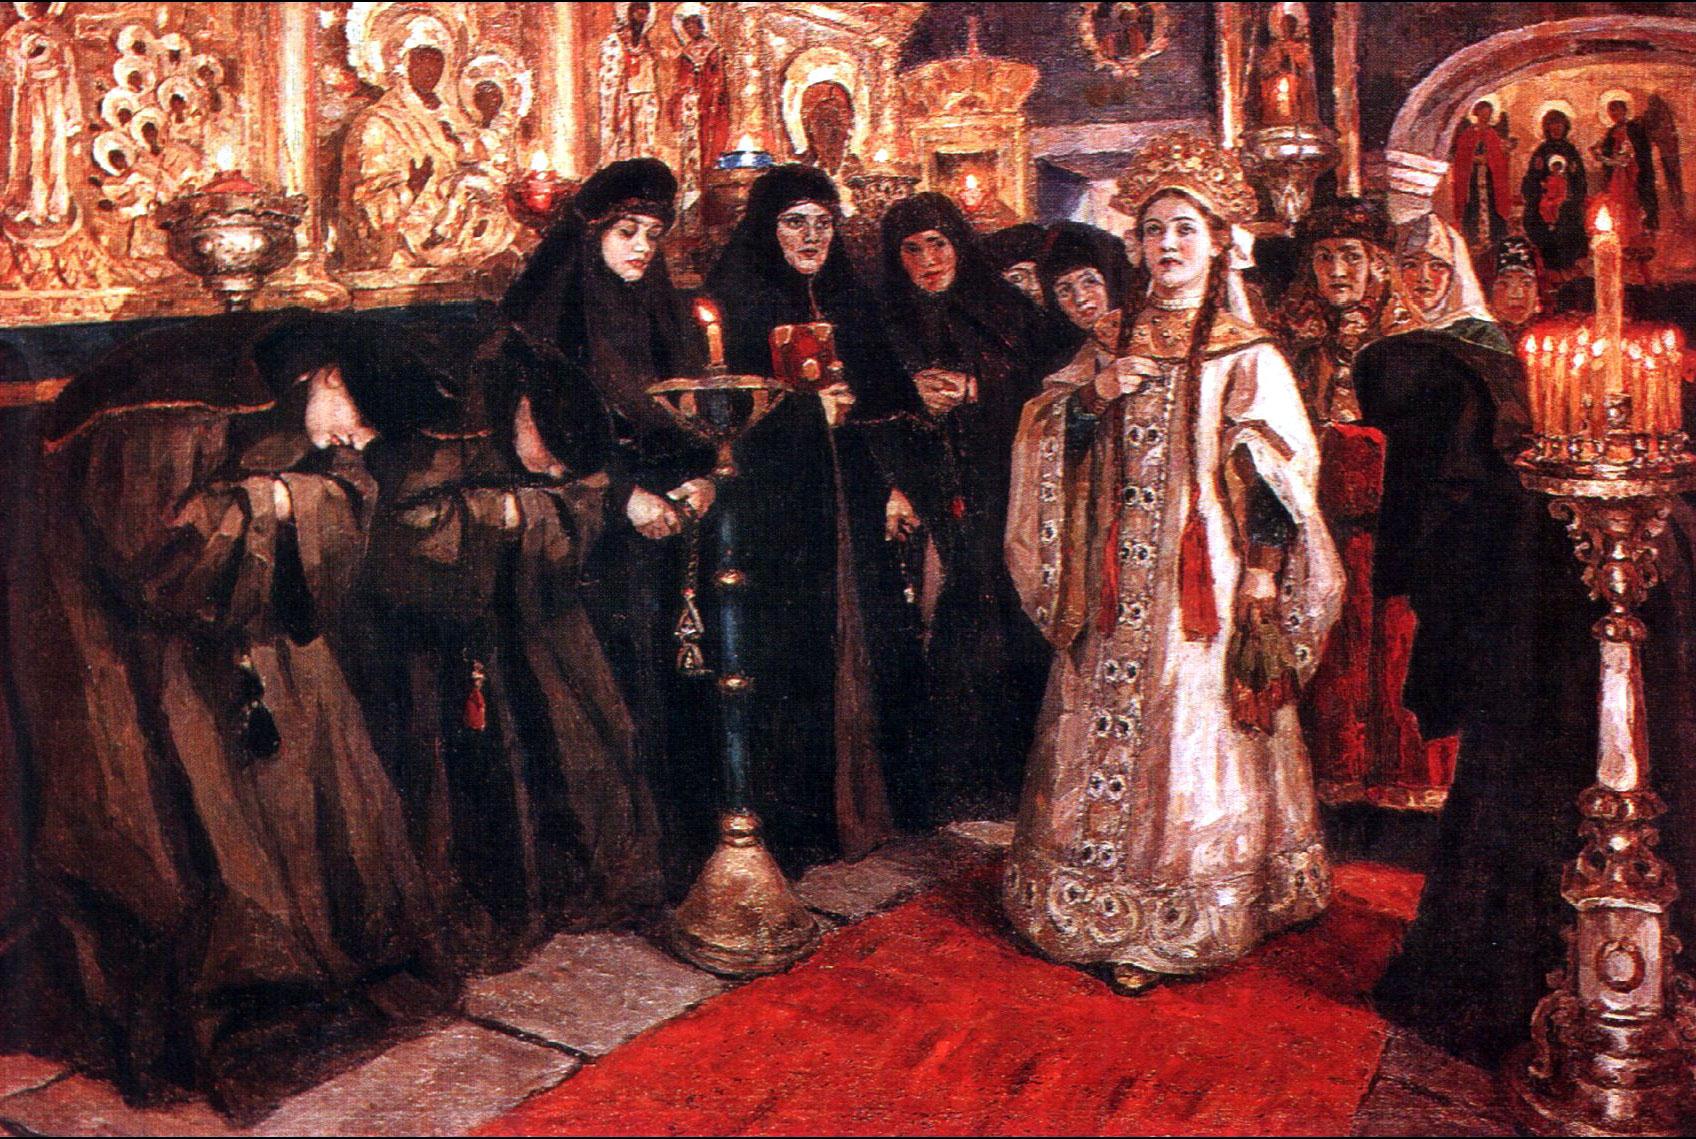 владимир соловьев и русская культура